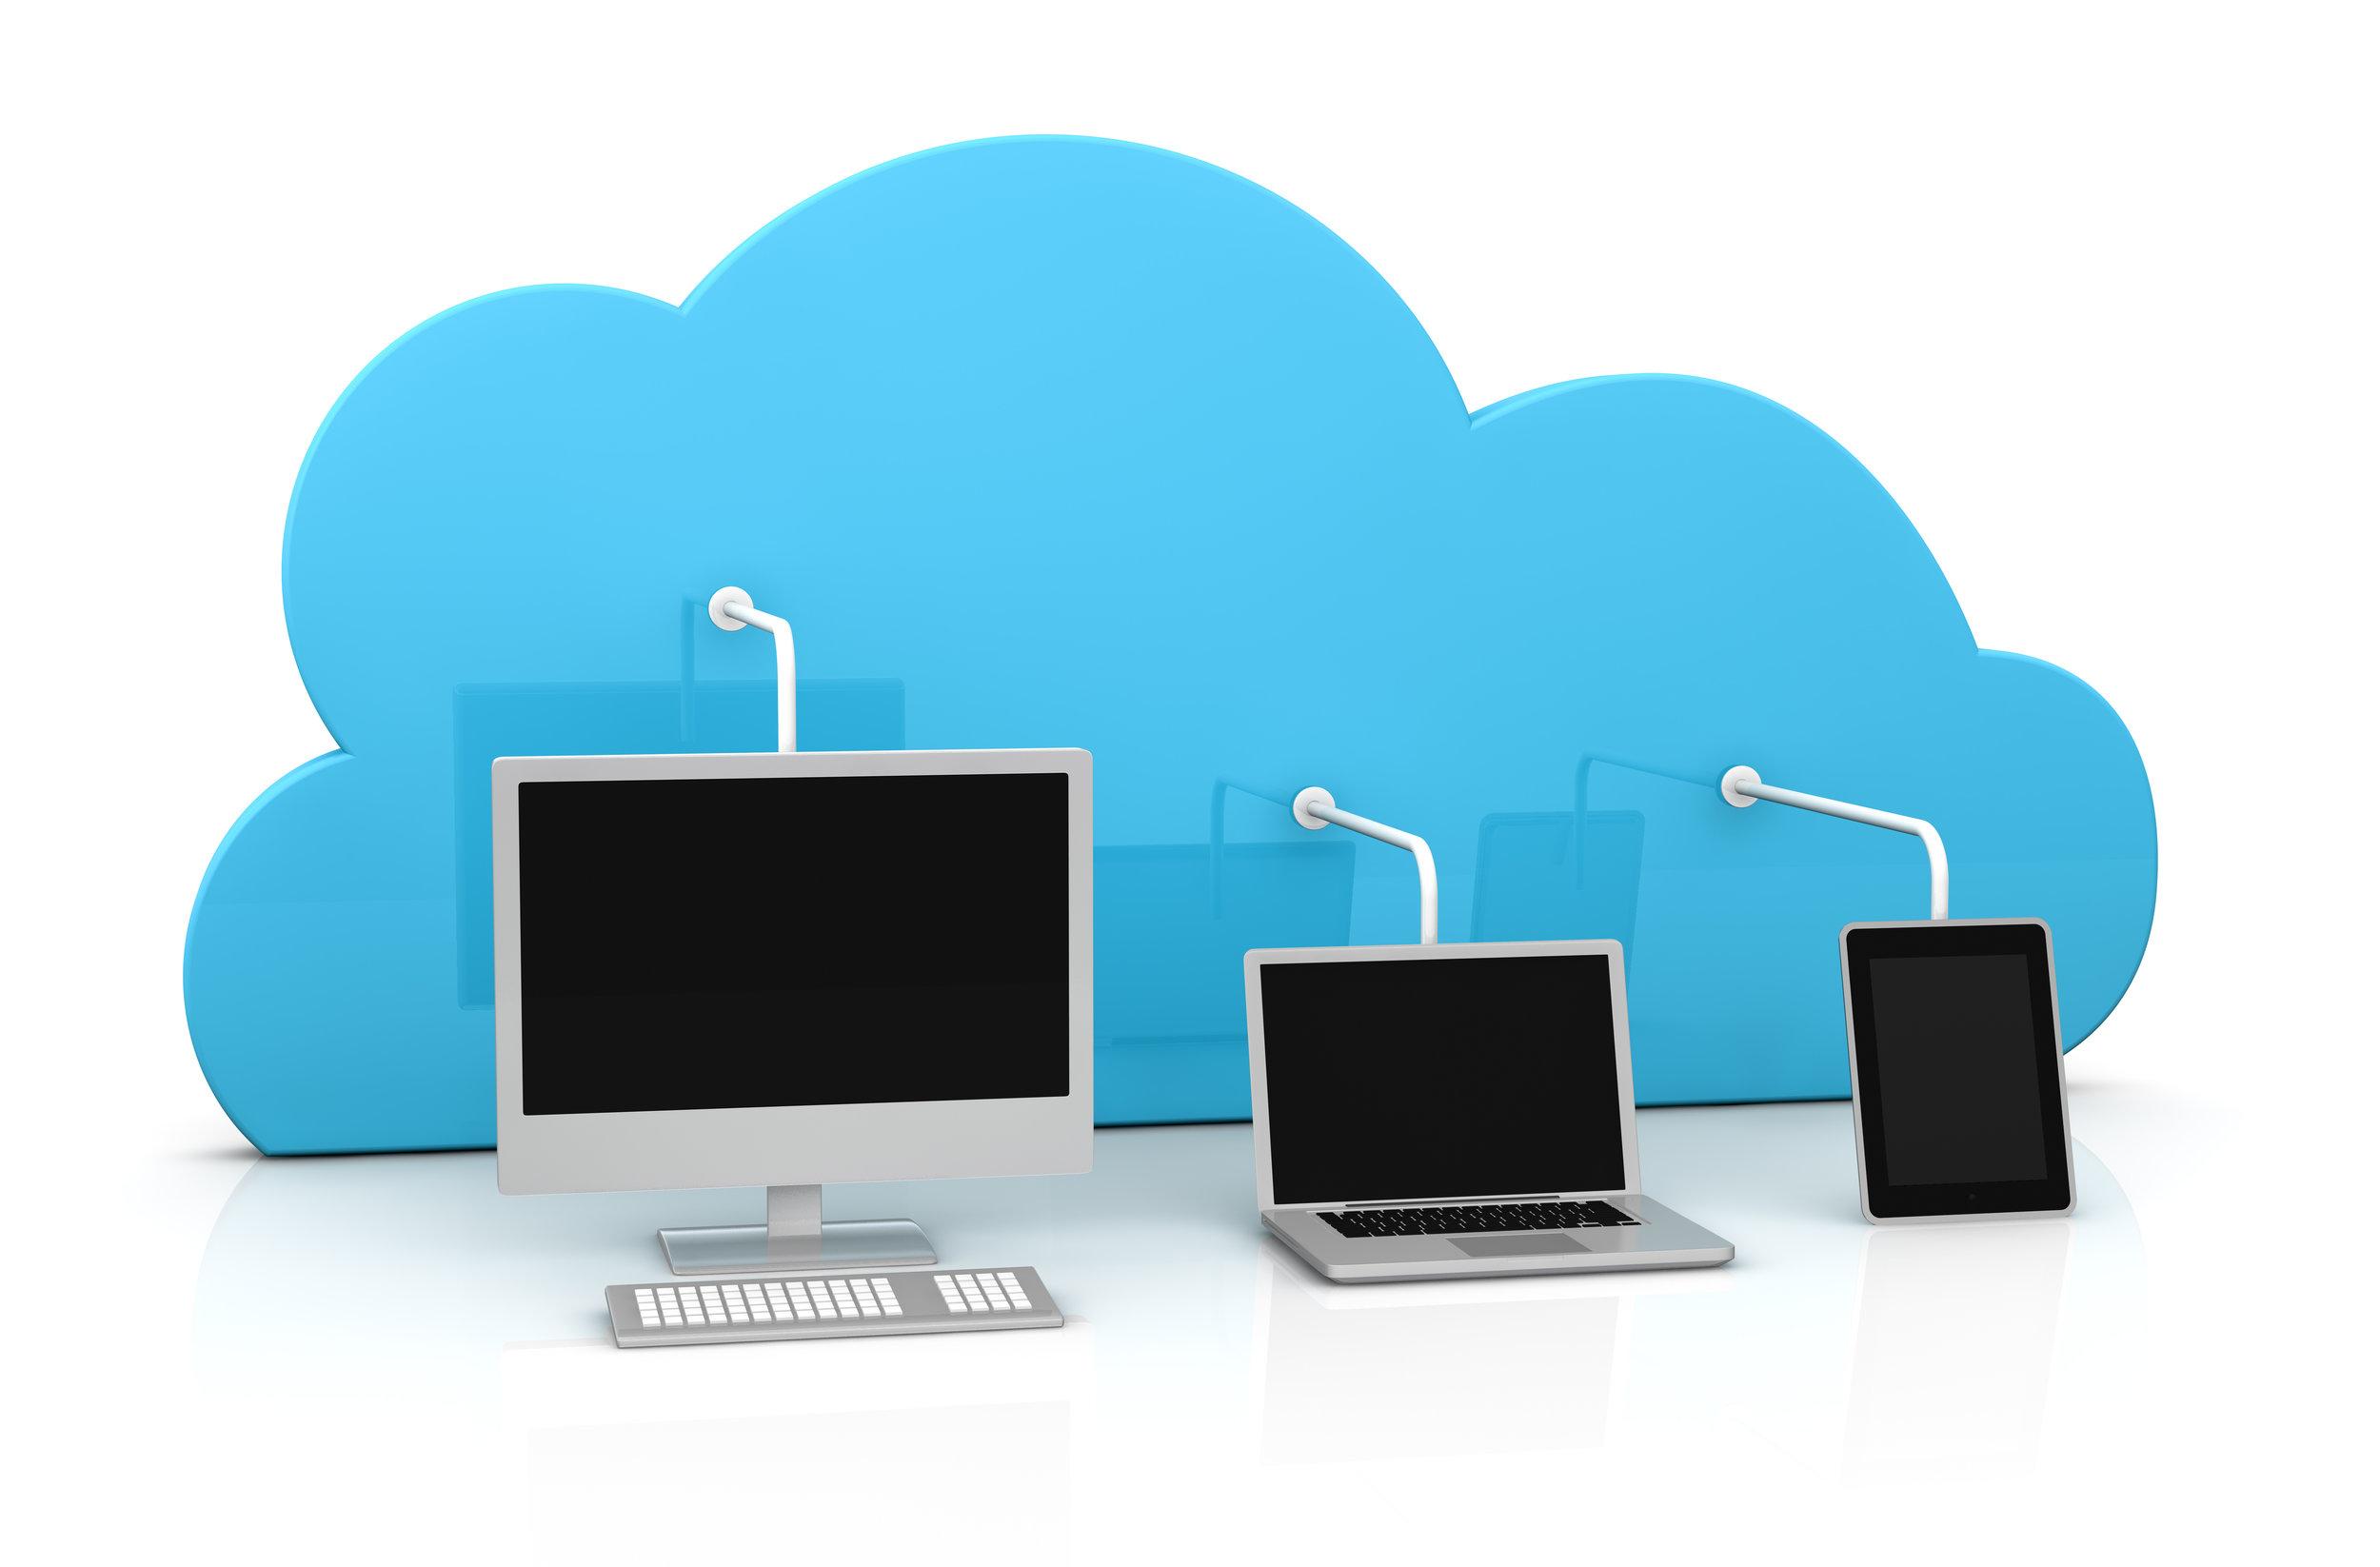 dsmart_cloudsupport